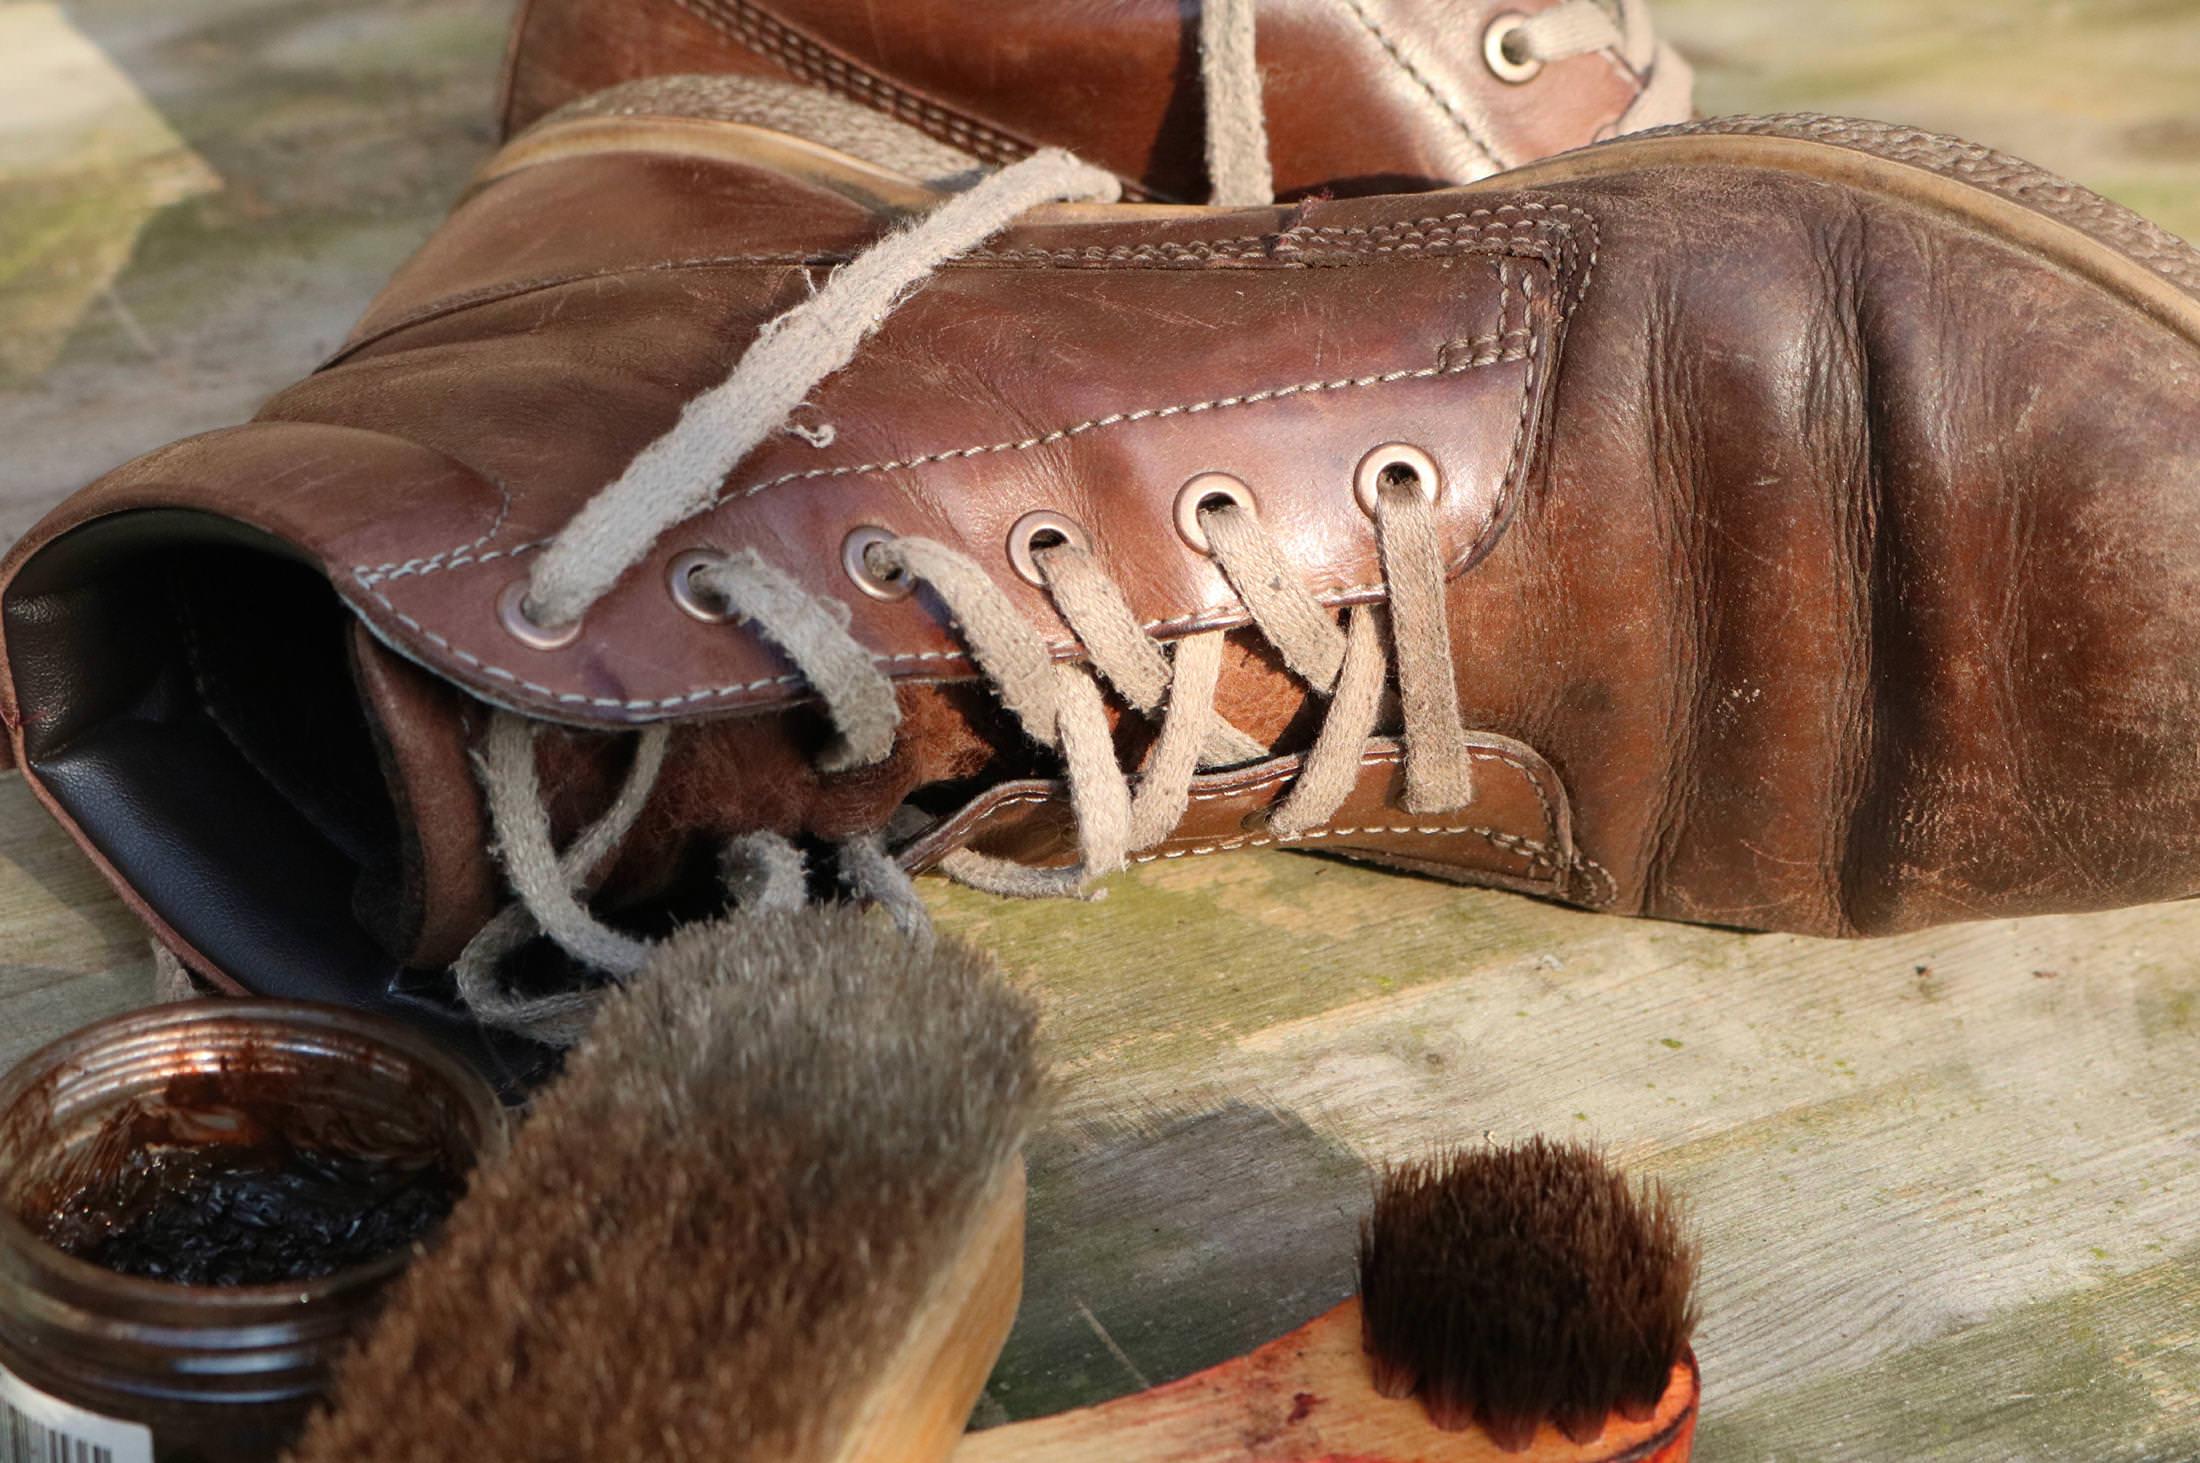 da2874db49fbd 革靴についたキズをキレイに修復したい! クリームを使ったお手入れ方法 MENS LEATHER MAGAZINE メンズレザーマガジン